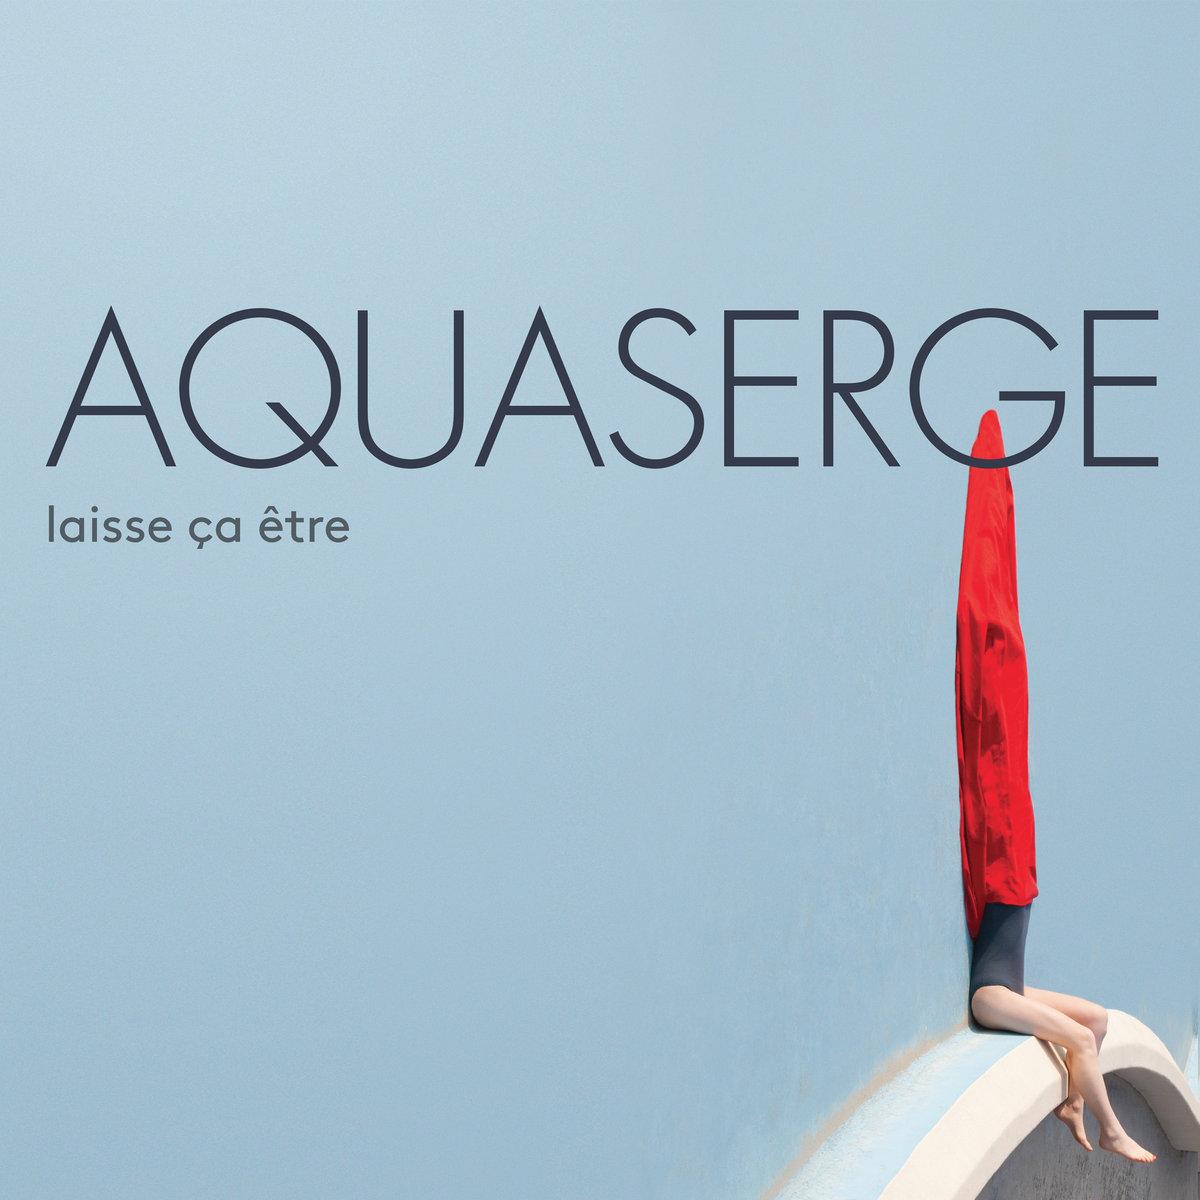 Aquaserge Laisse Ça Être